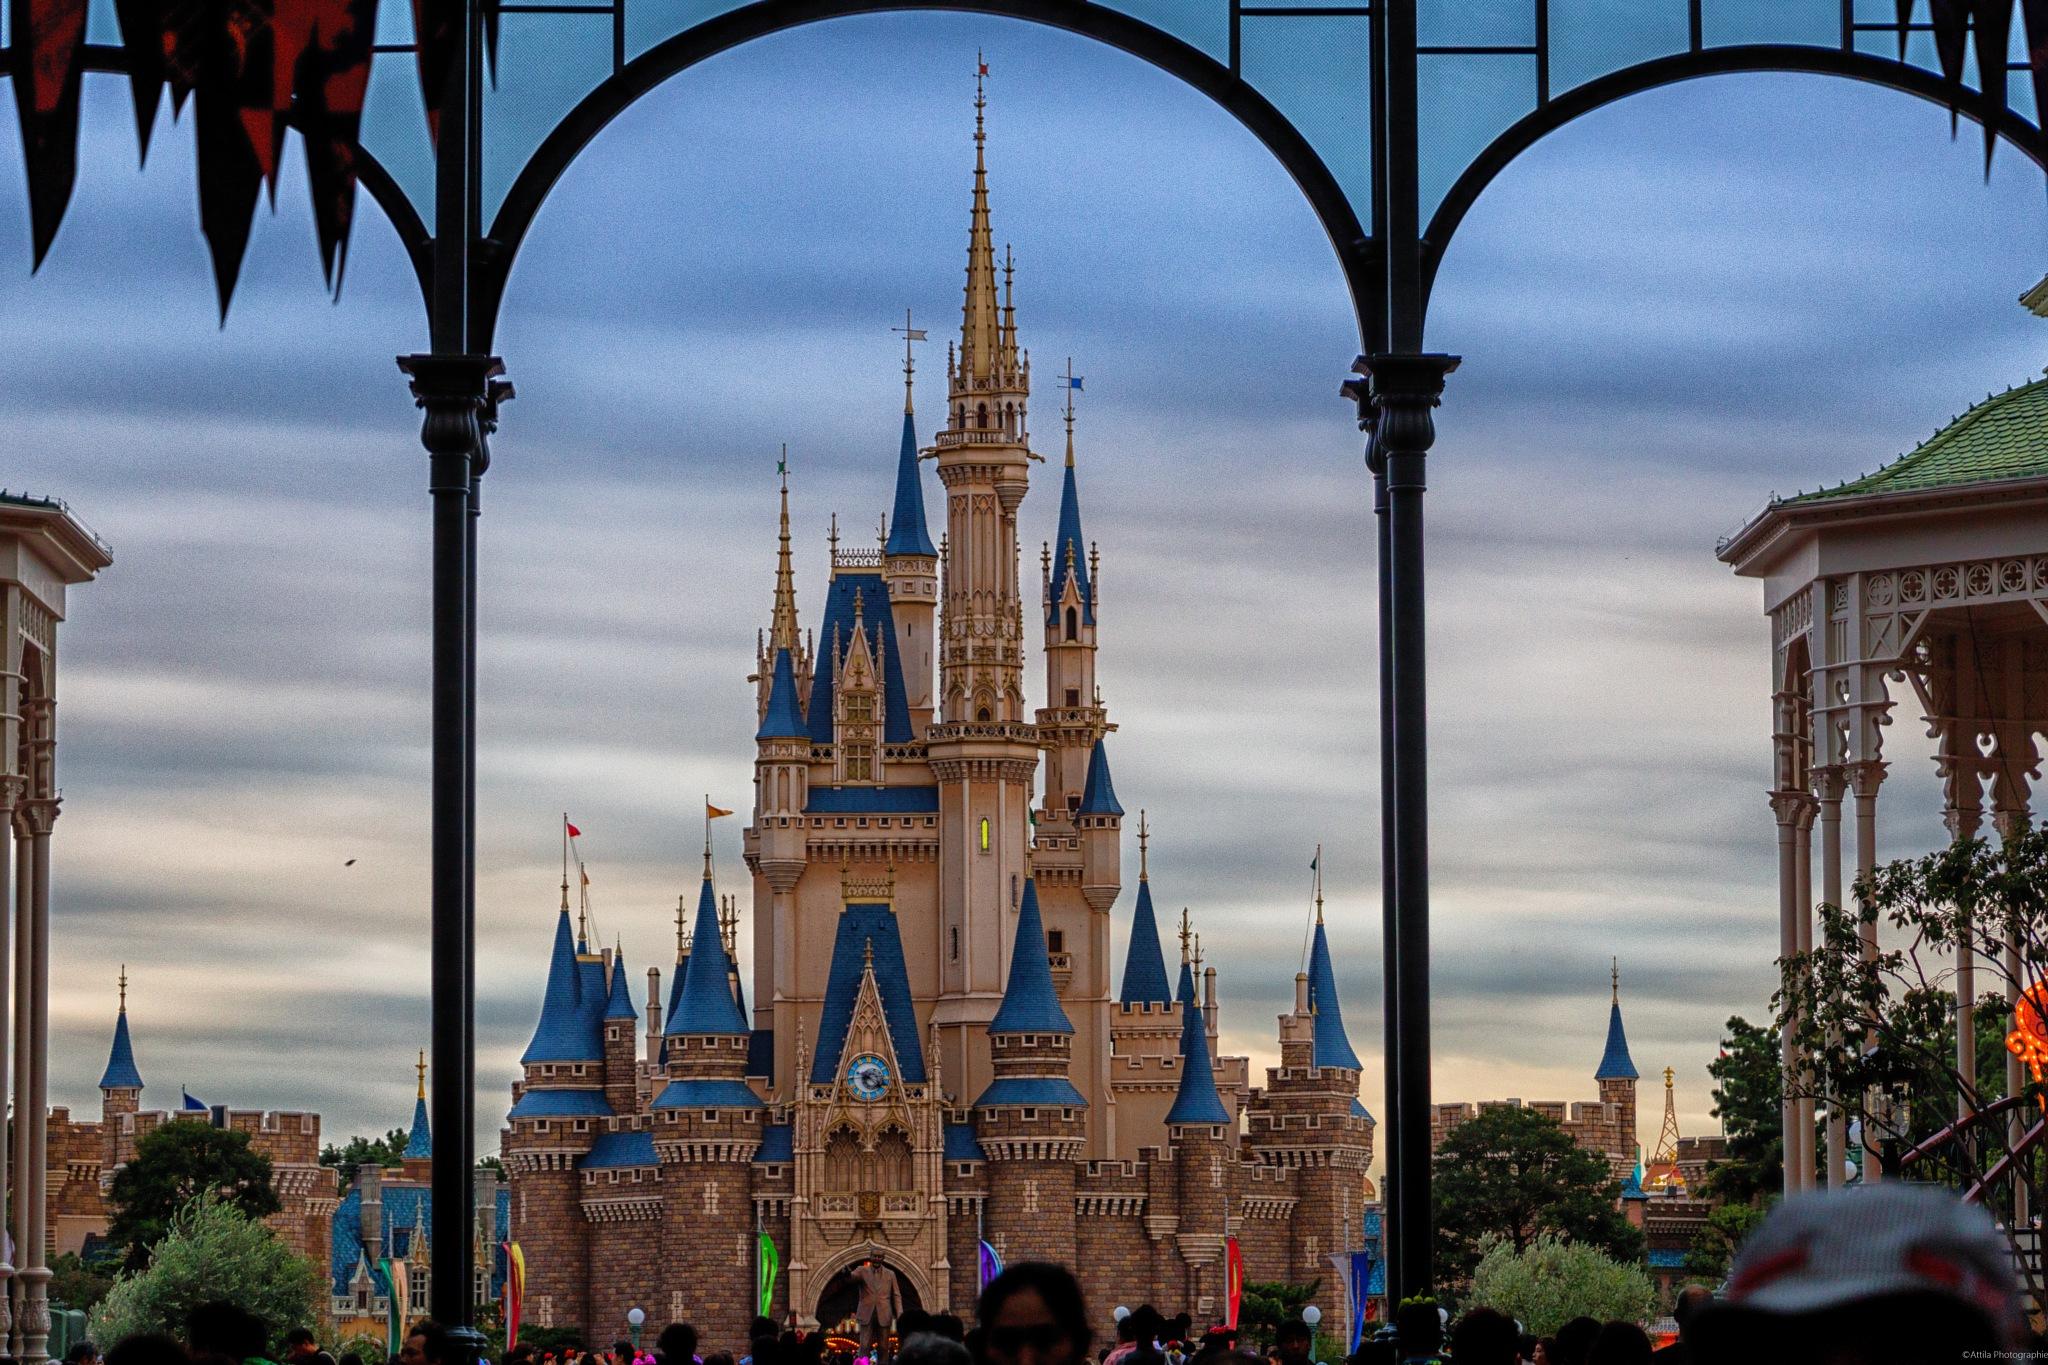 Disneyland Tokyo by AttilaPhotographie